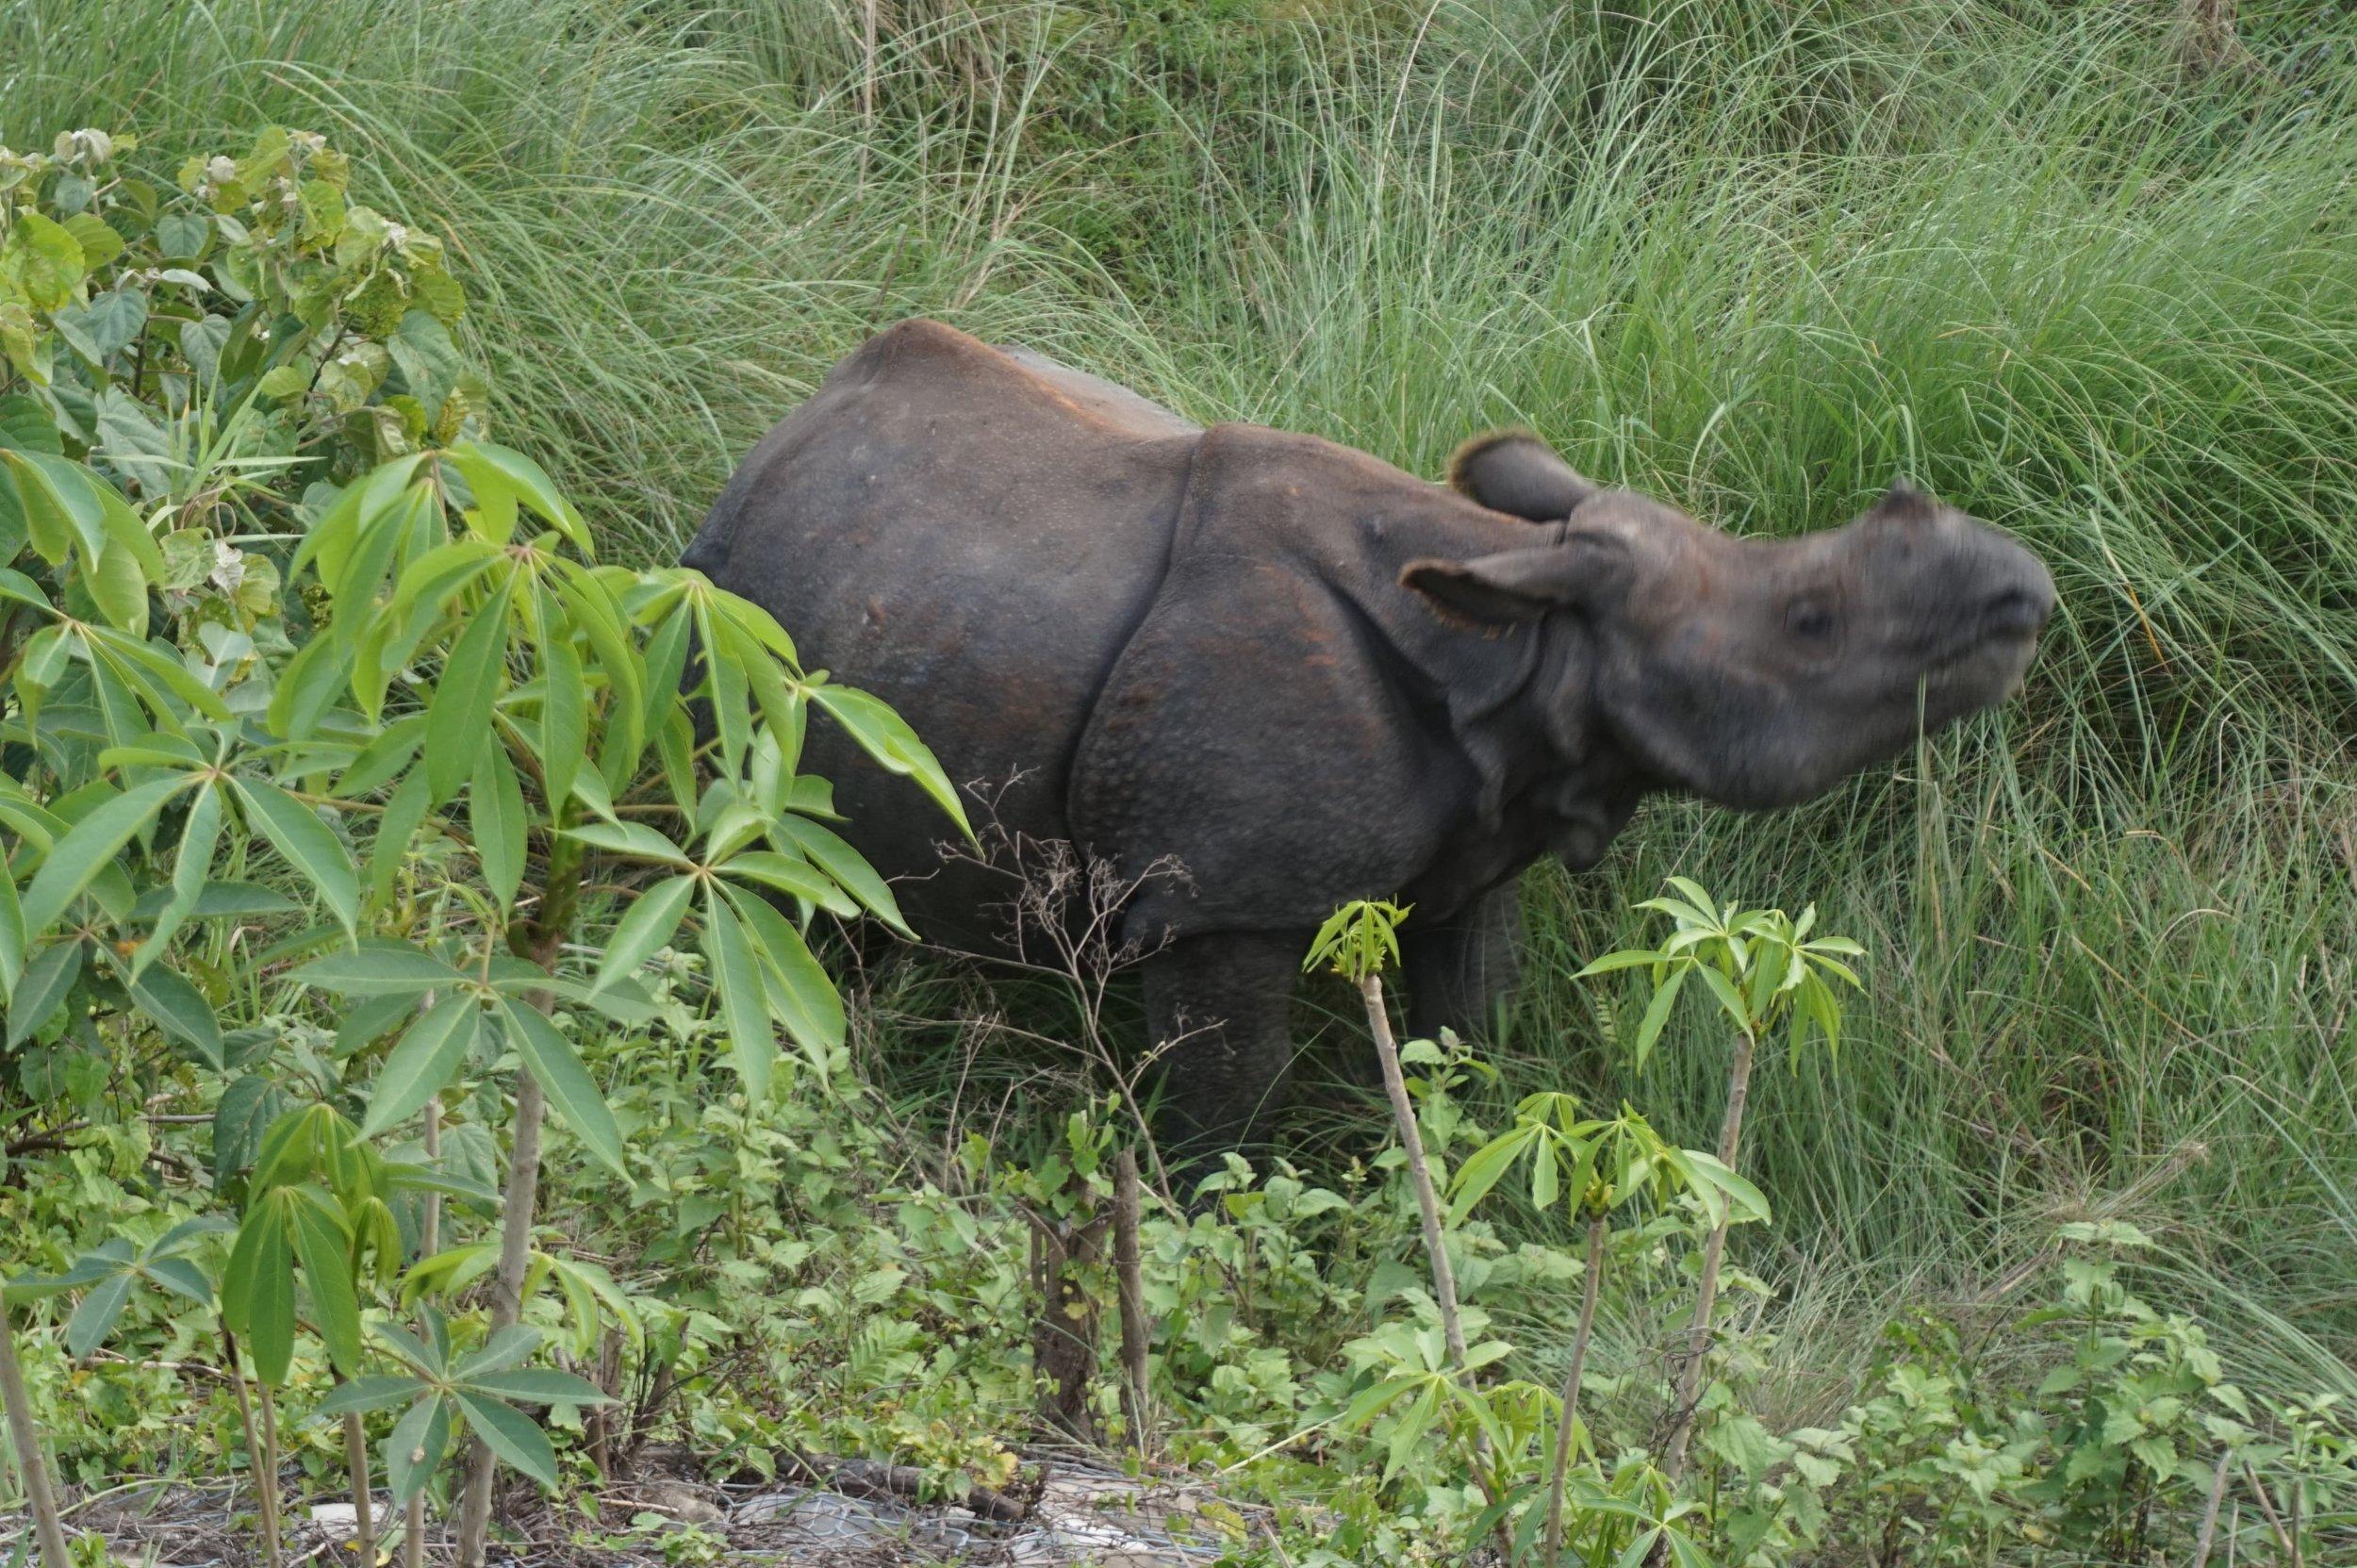 Wild rhino at Chitwan National Park, Nepal